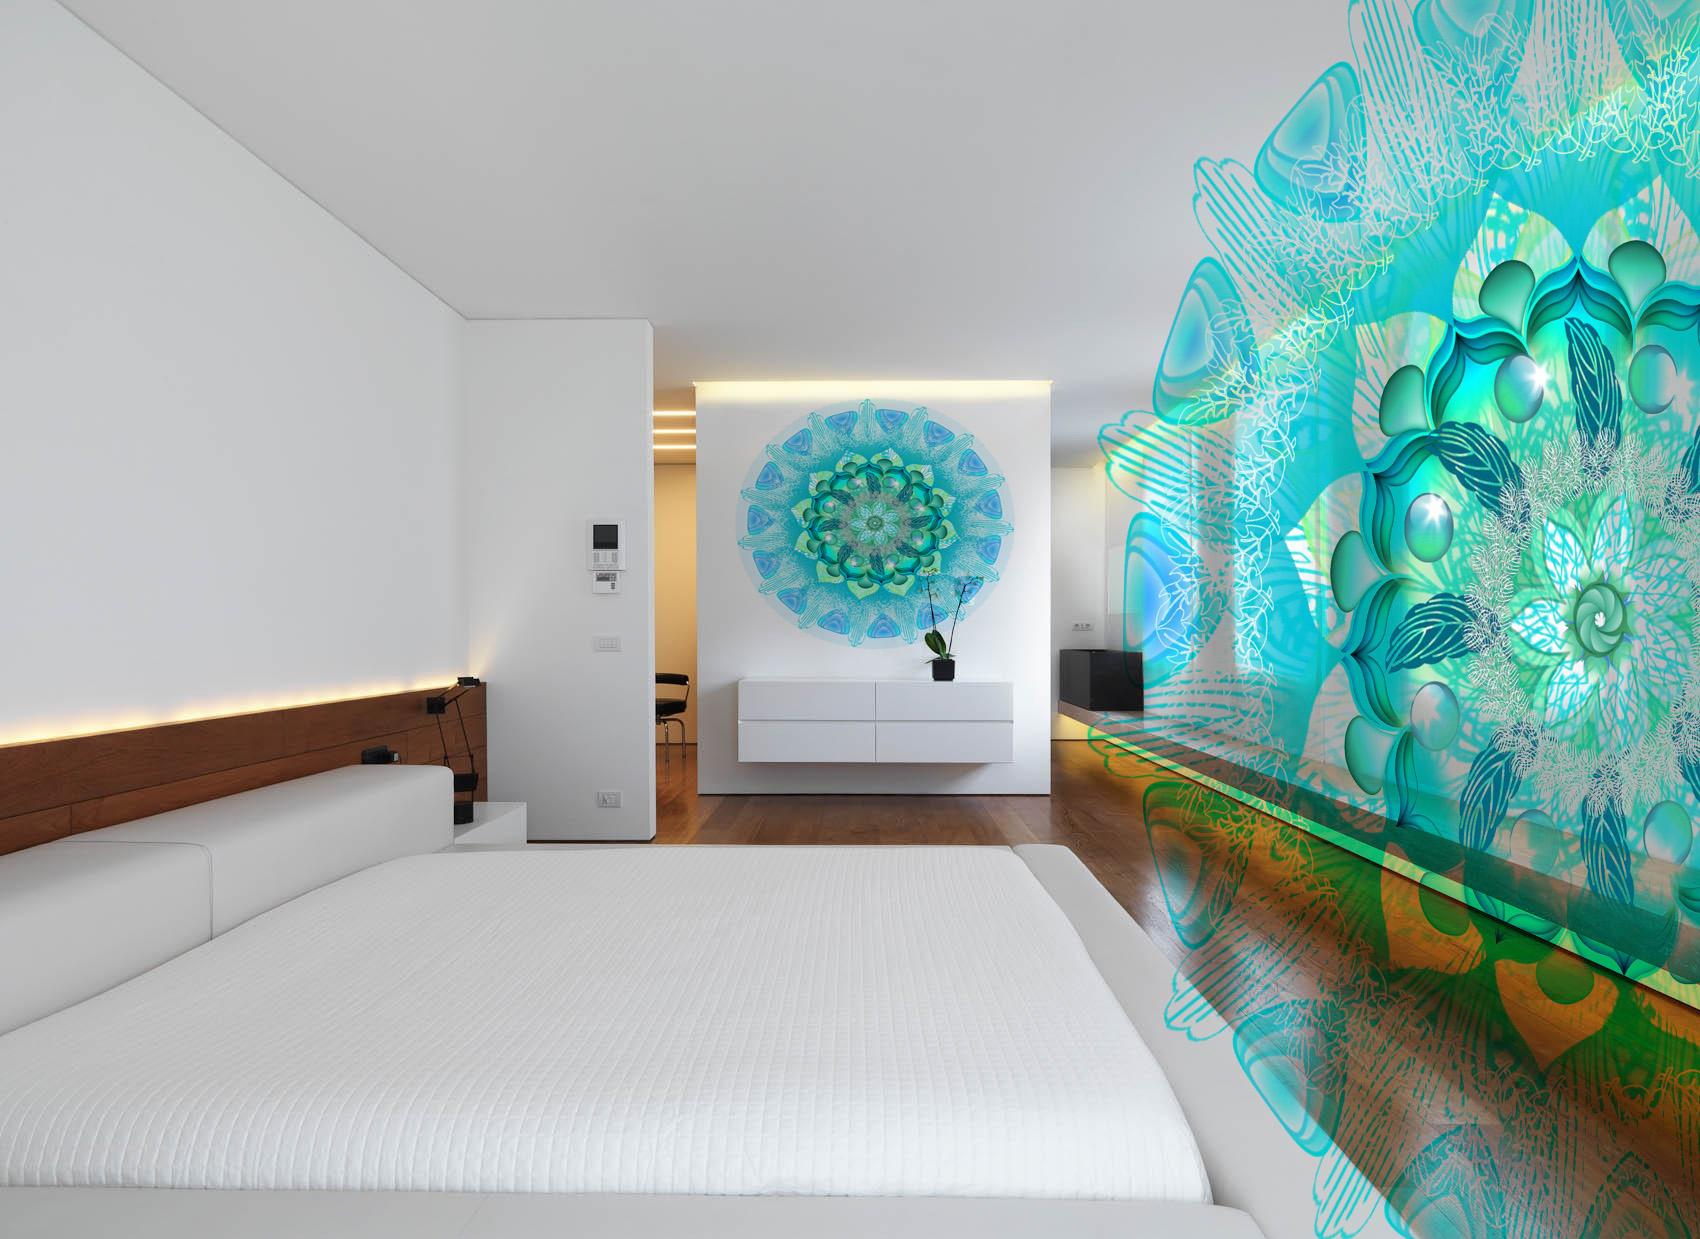 habitacion-minimalista-de-lujo.jpg